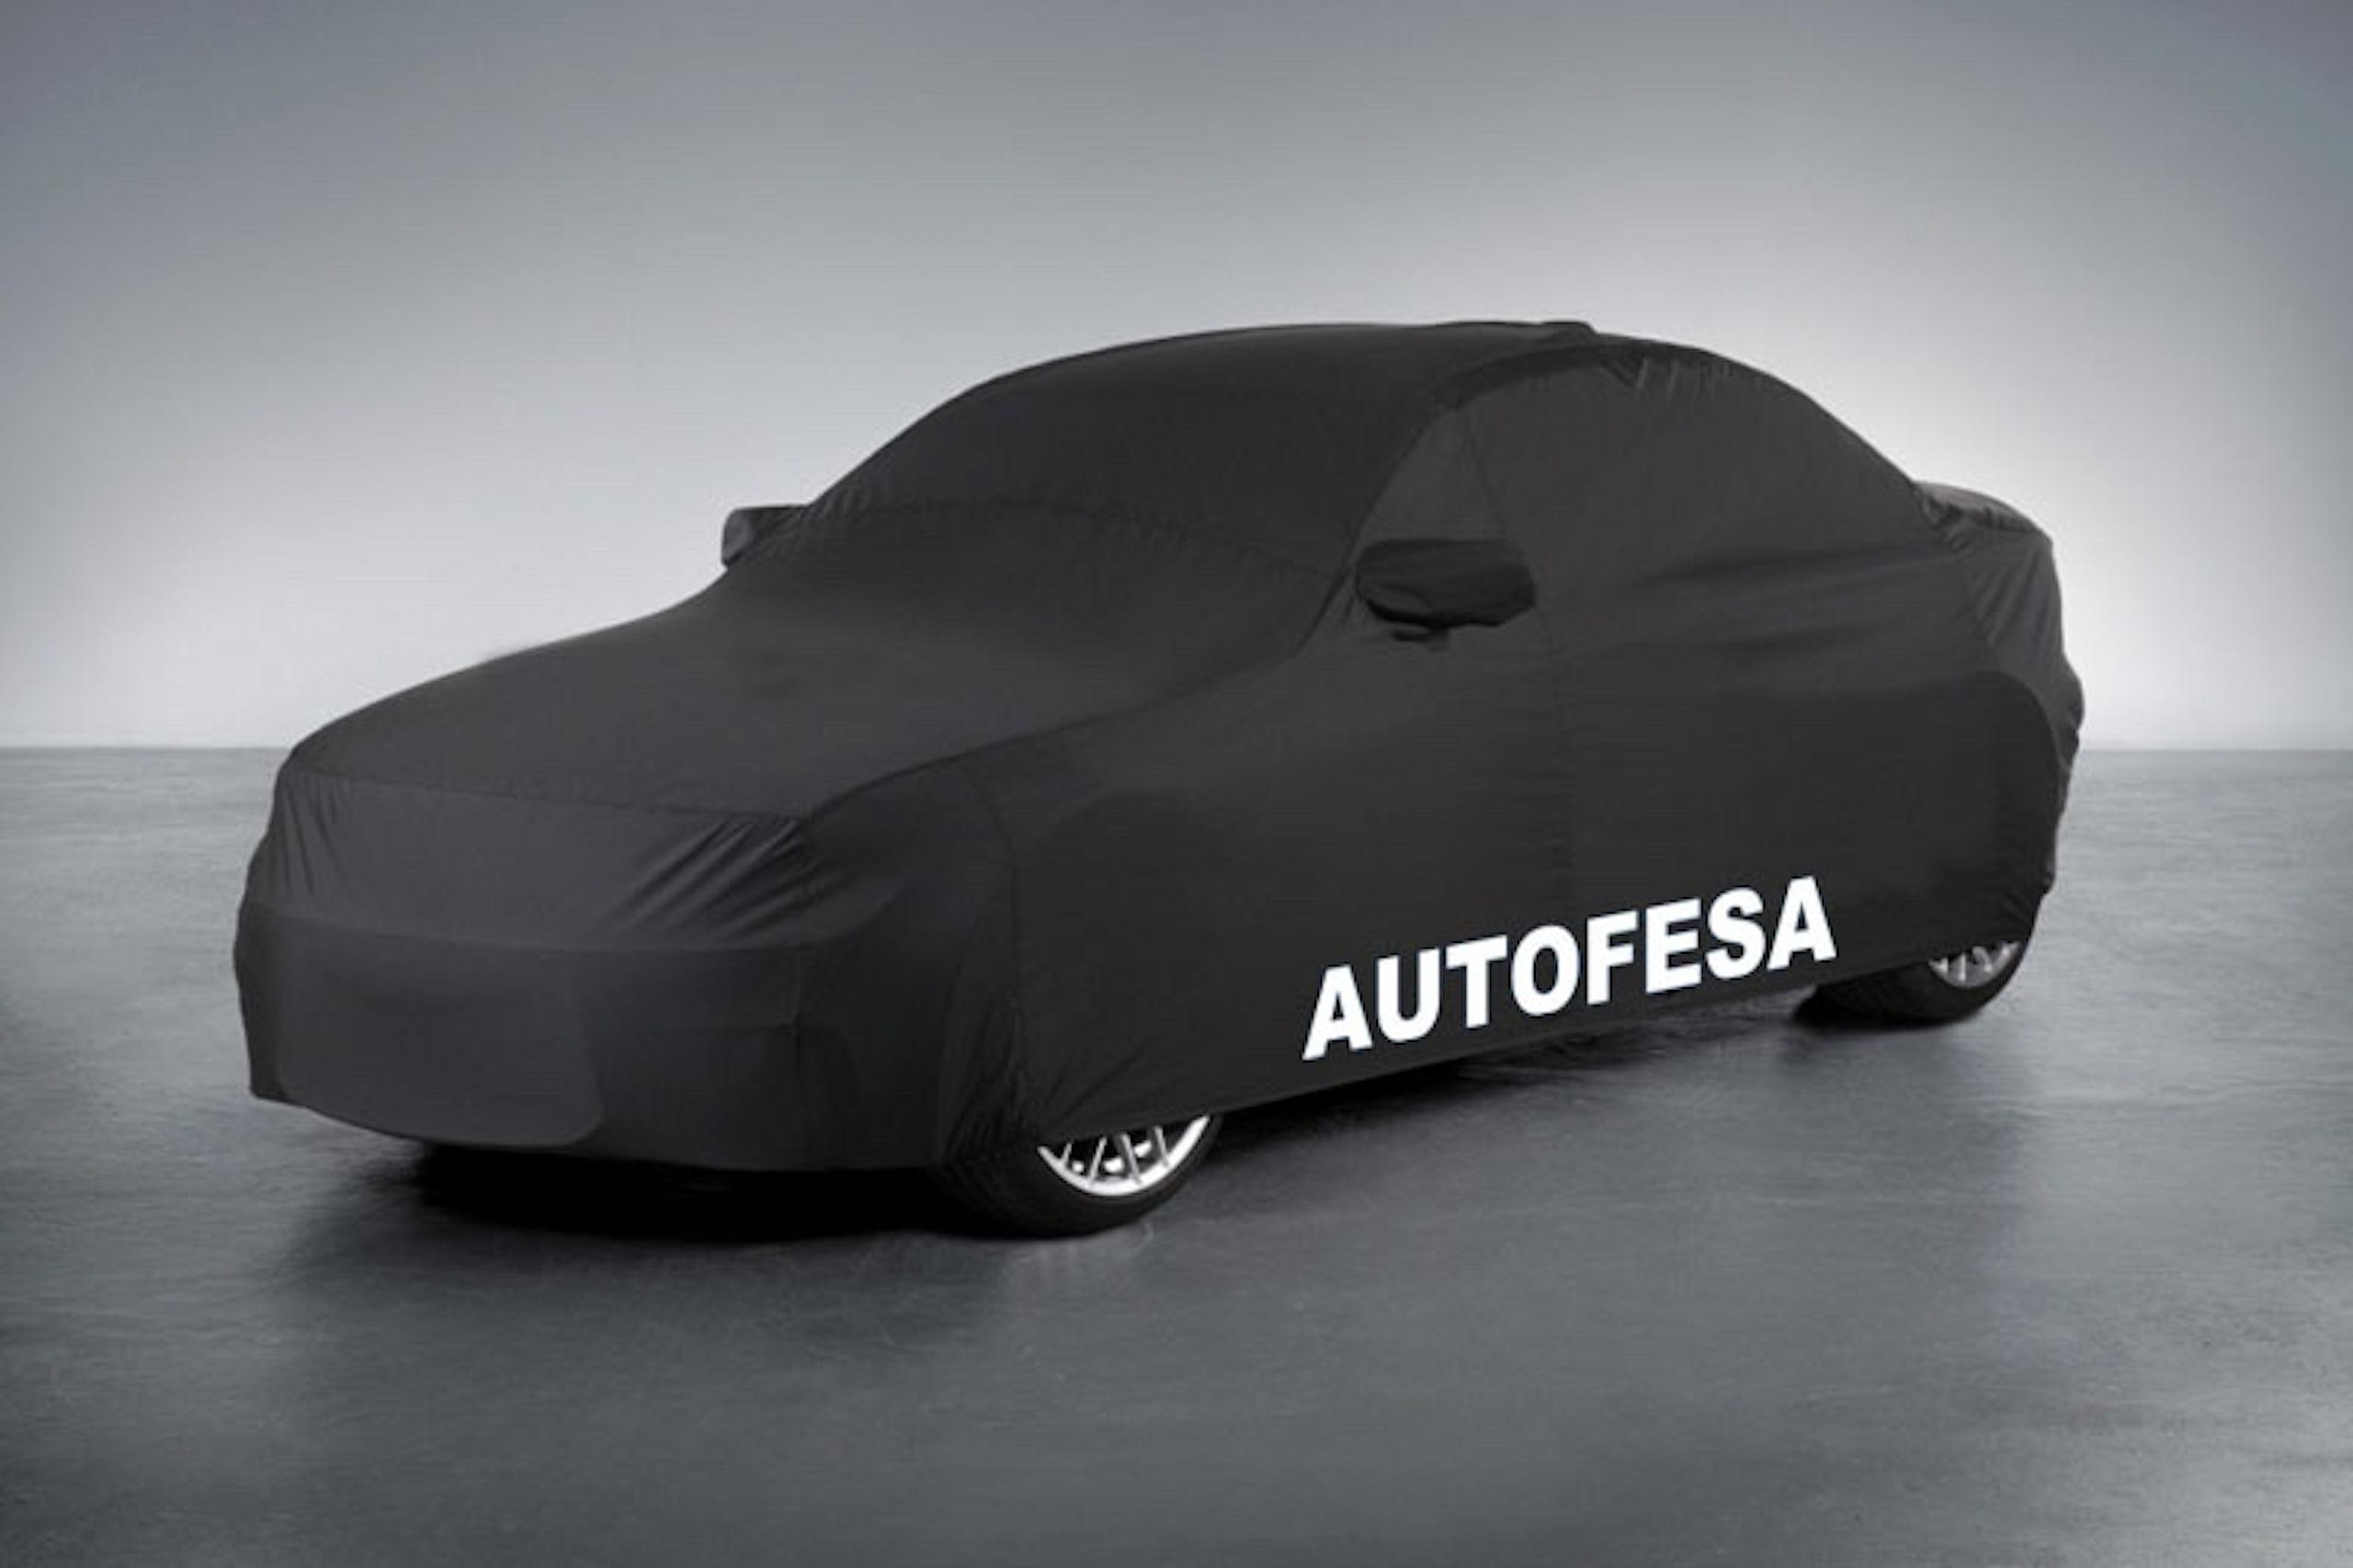 Audi A4 Avant 2.0 TDI 190cv quattro 5p S tronic Auto S/S - Foto 20